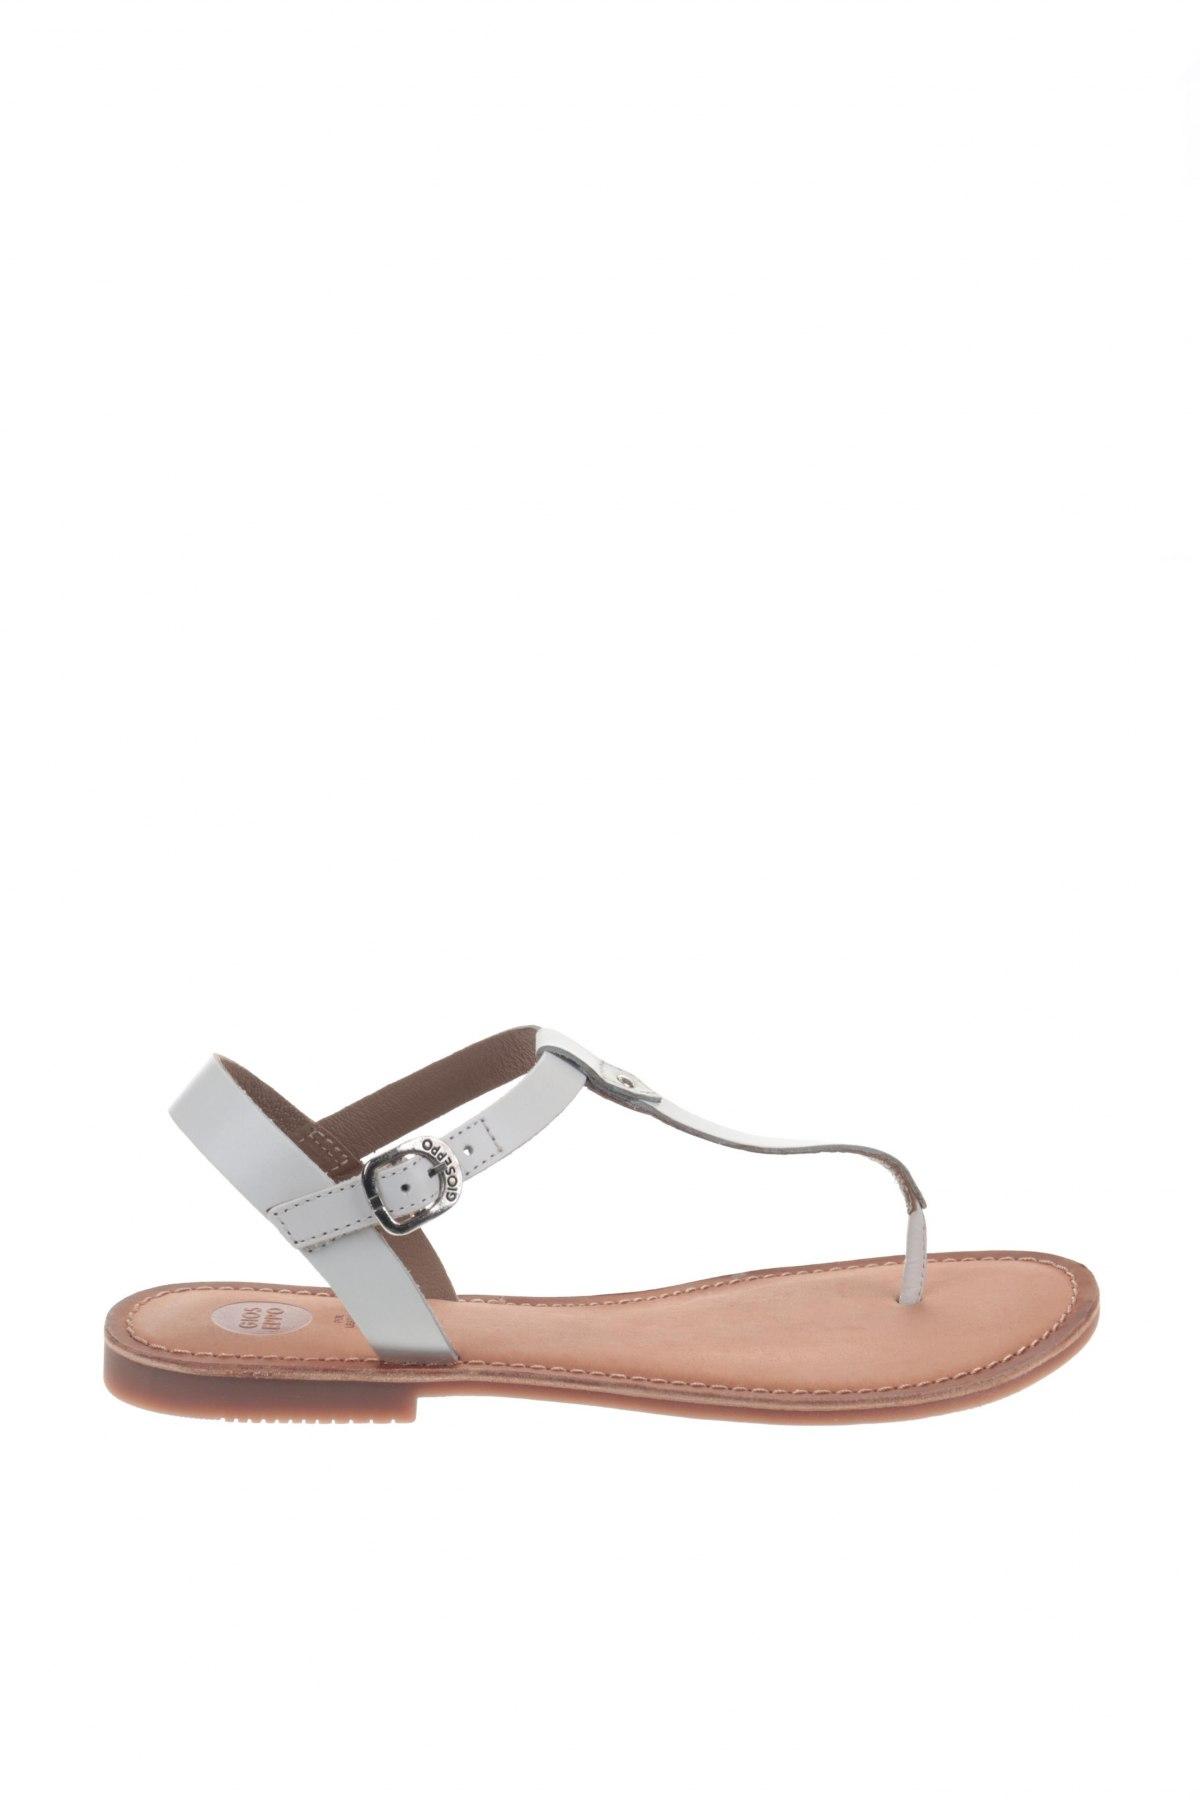 Σανδάλια Gioseppo, Μέγεθος 39, Χρώμα Λευκό, Γνήσιο δέρμα, Τιμή 24,32€